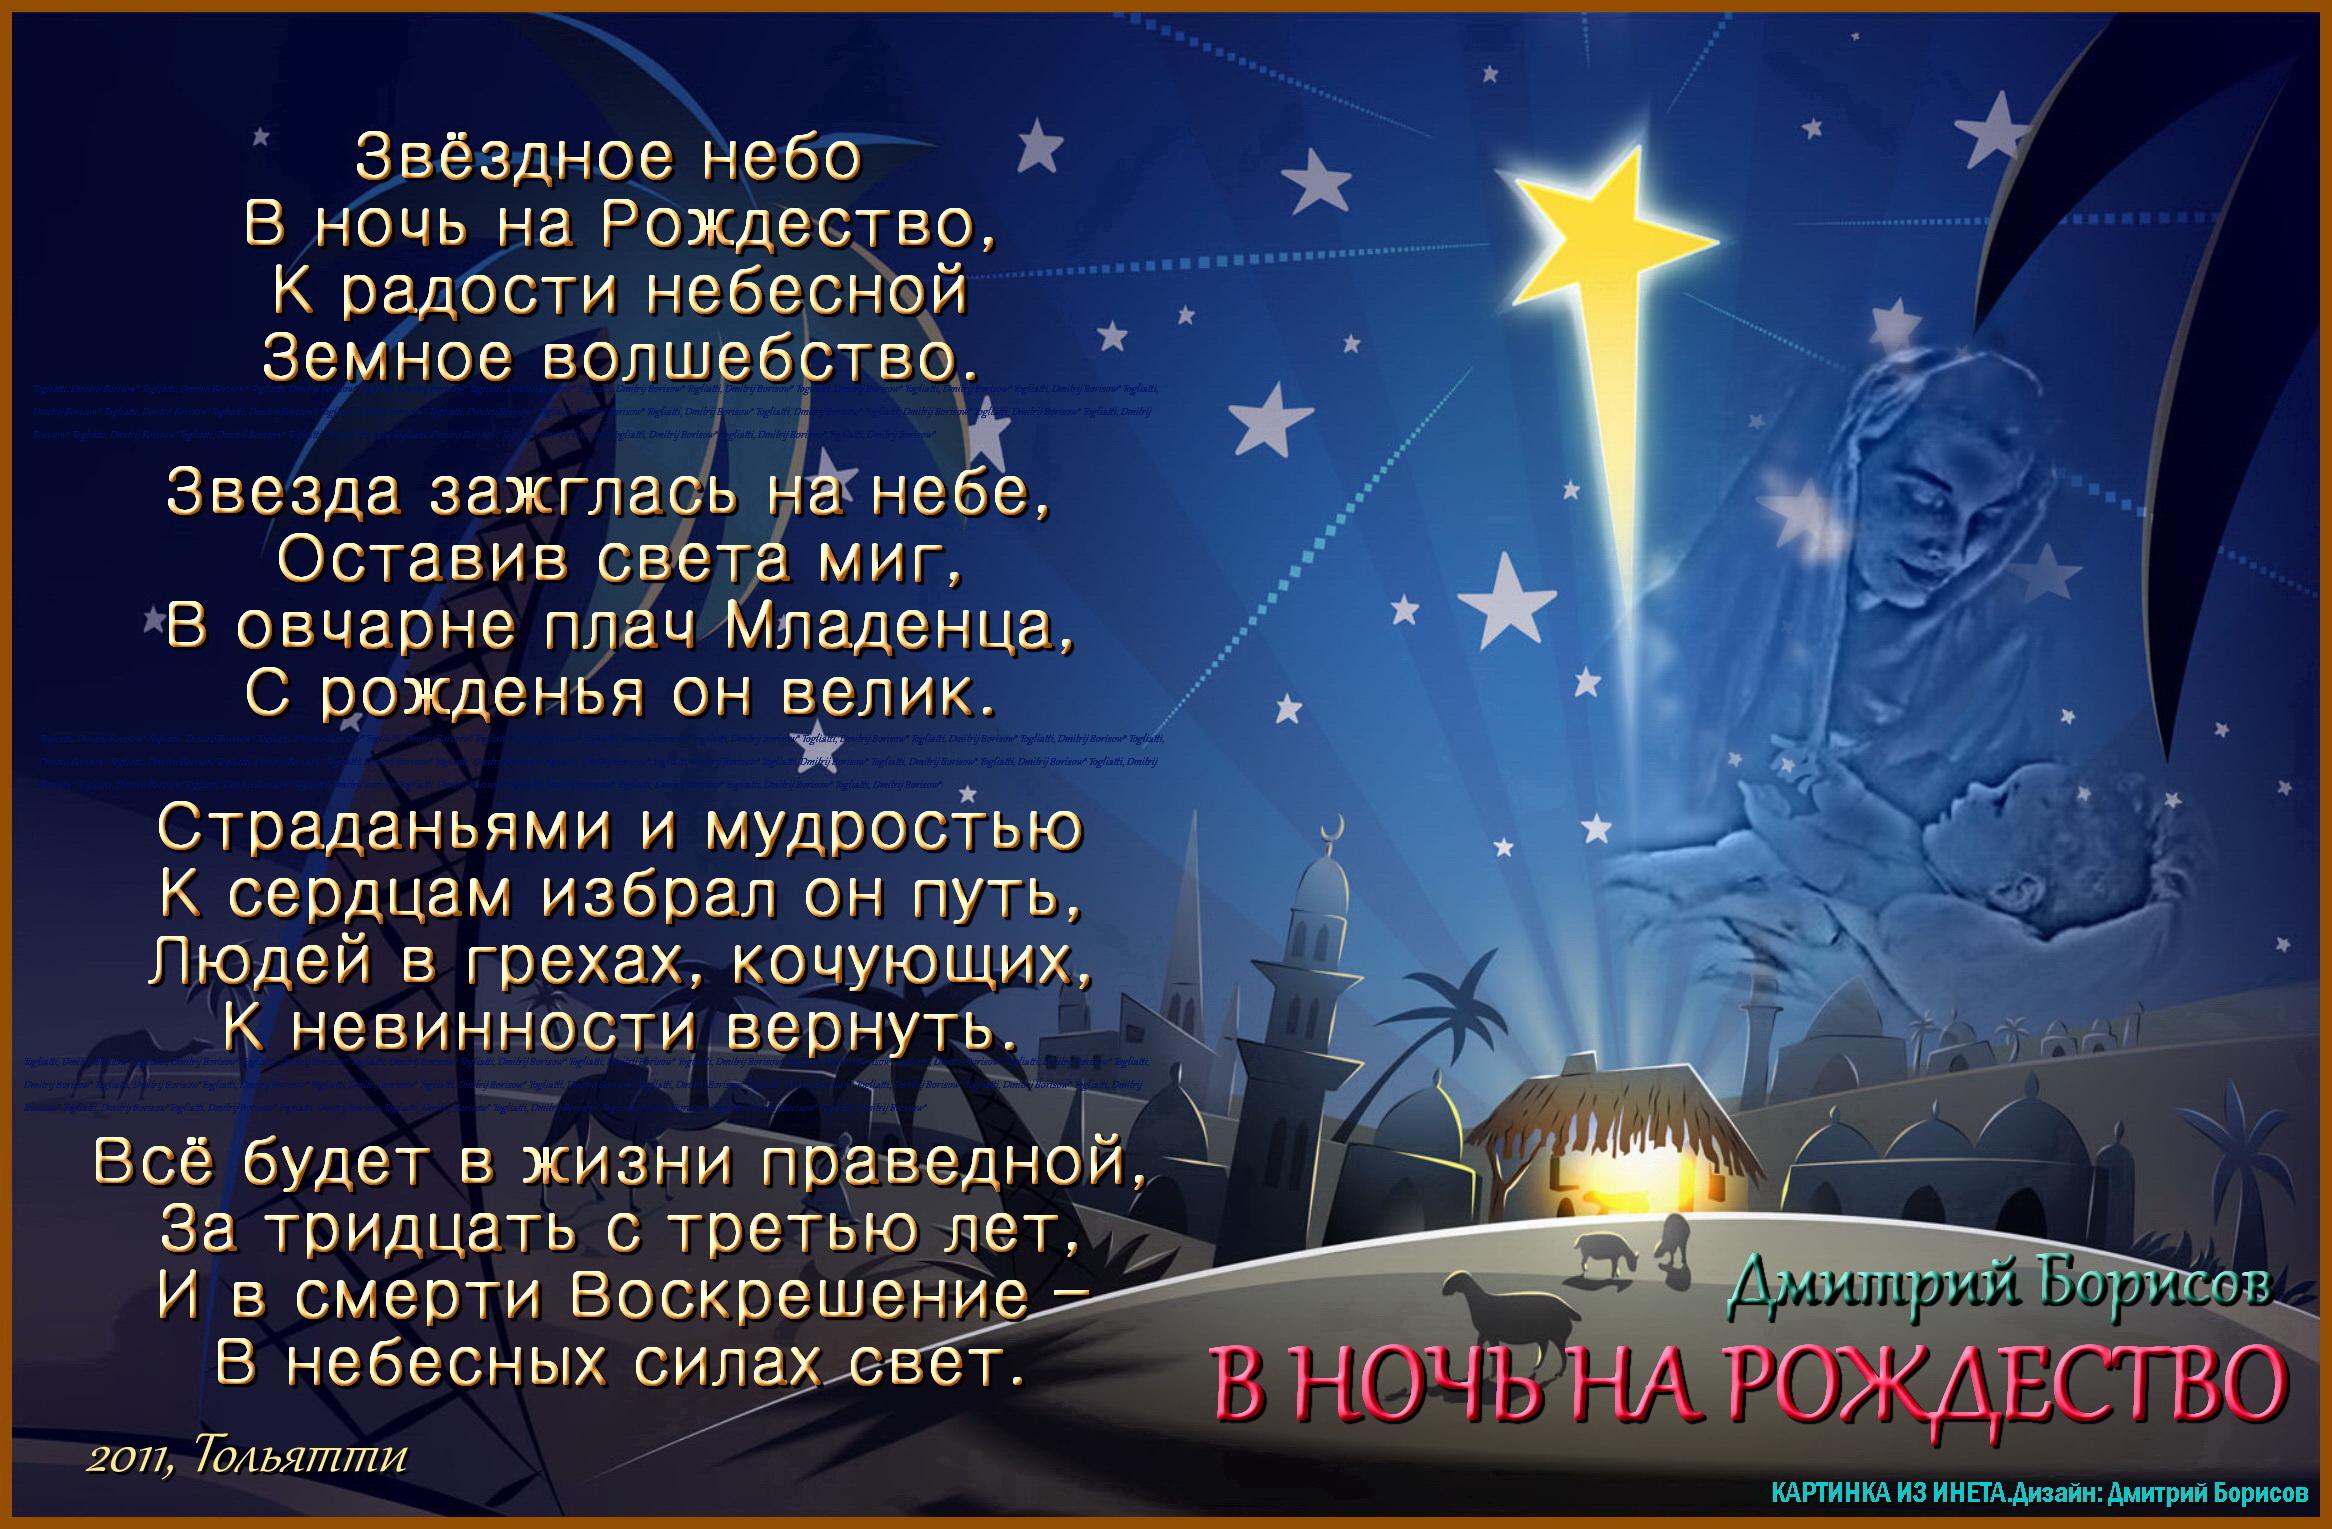 Поздравление с днем рождения загорелась на небе звезда